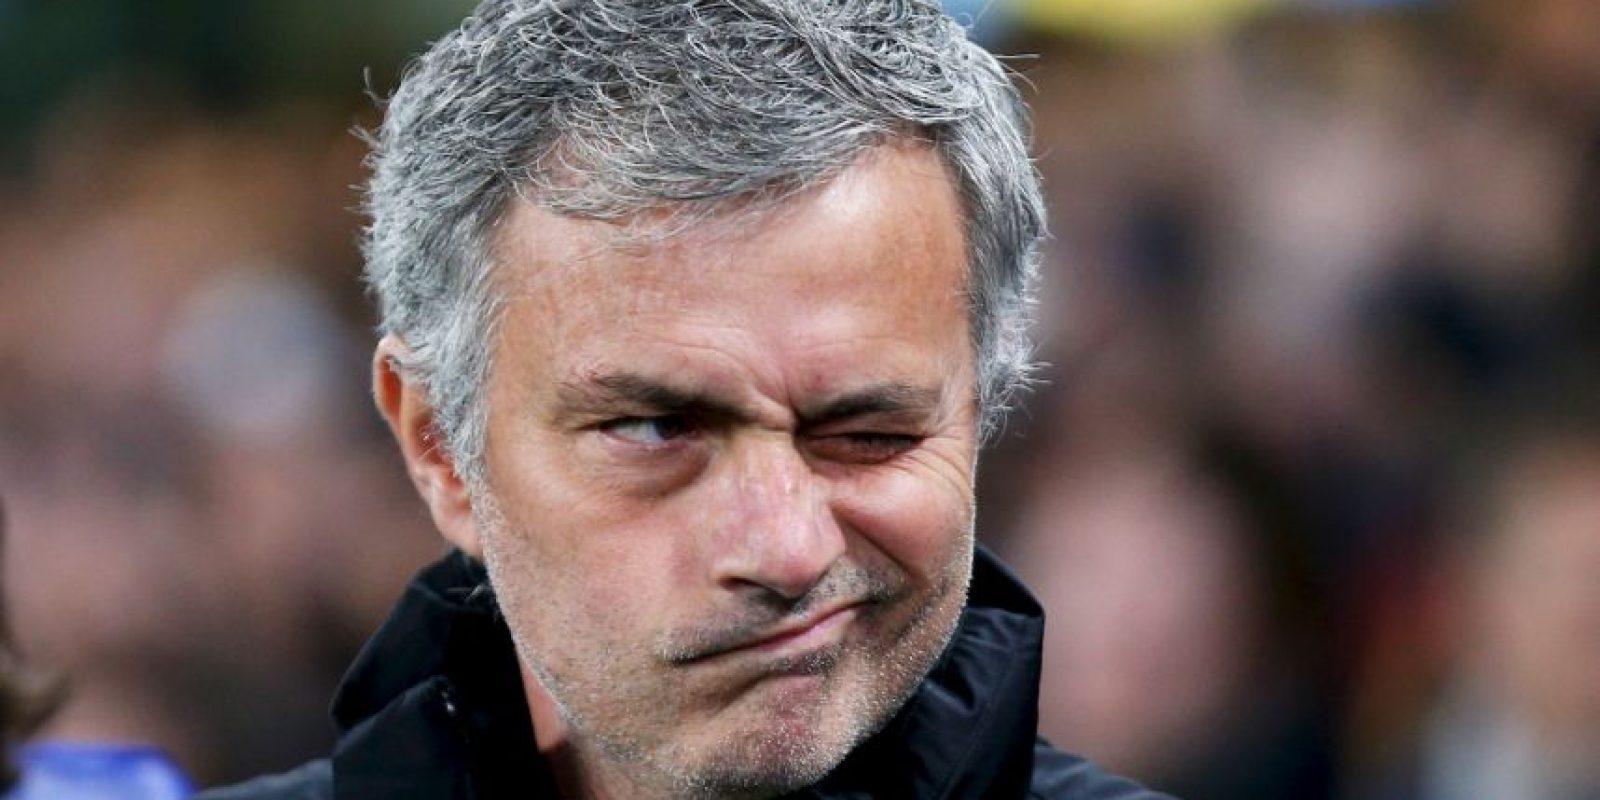 """10. José Mourinho no es conocido precisamente por su humildad. En 2004, cuando fue presentado con el Chelsea, dijo en su presentación: """"No soy arrogante, solo soy campeón de Europa y creo que eso me hace especial"""". Gracias a esta frase se le conoce con el apodo de """"The Special One"""". Foto:Getty Images"""